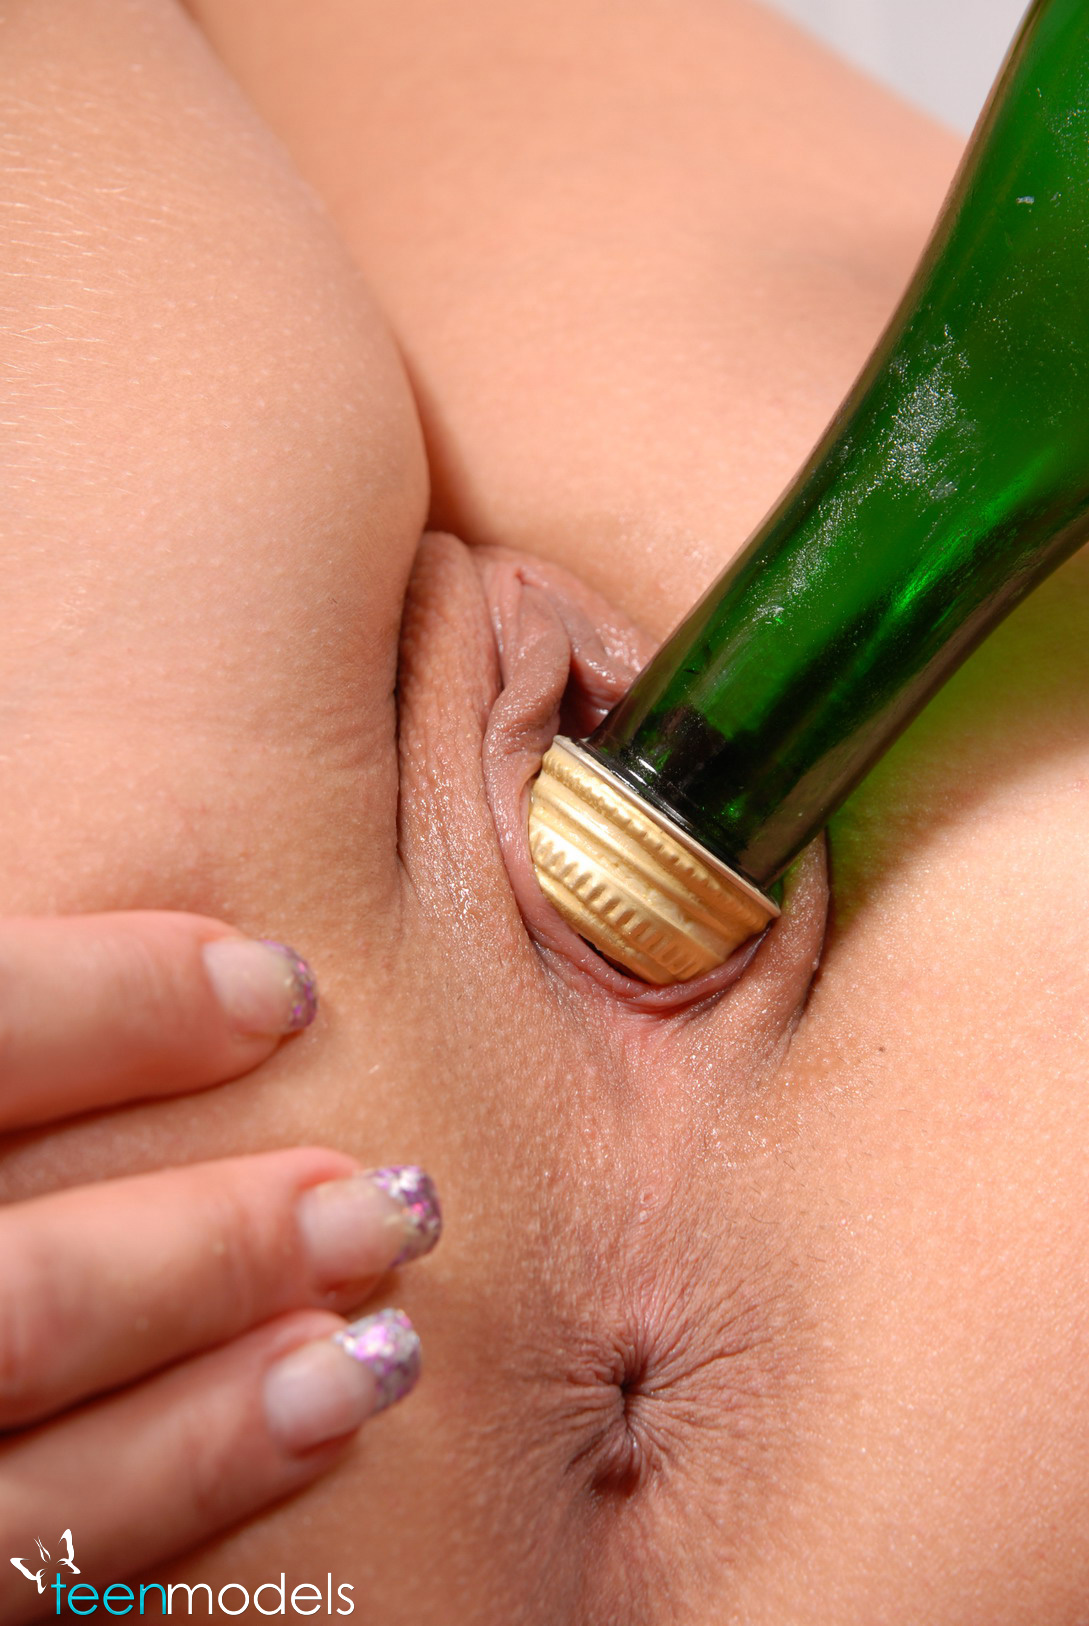 naturalnaya-baba-zasunula-sebe-v-pizdu-butilku-iz-pod-shampanskogo-indeyskom